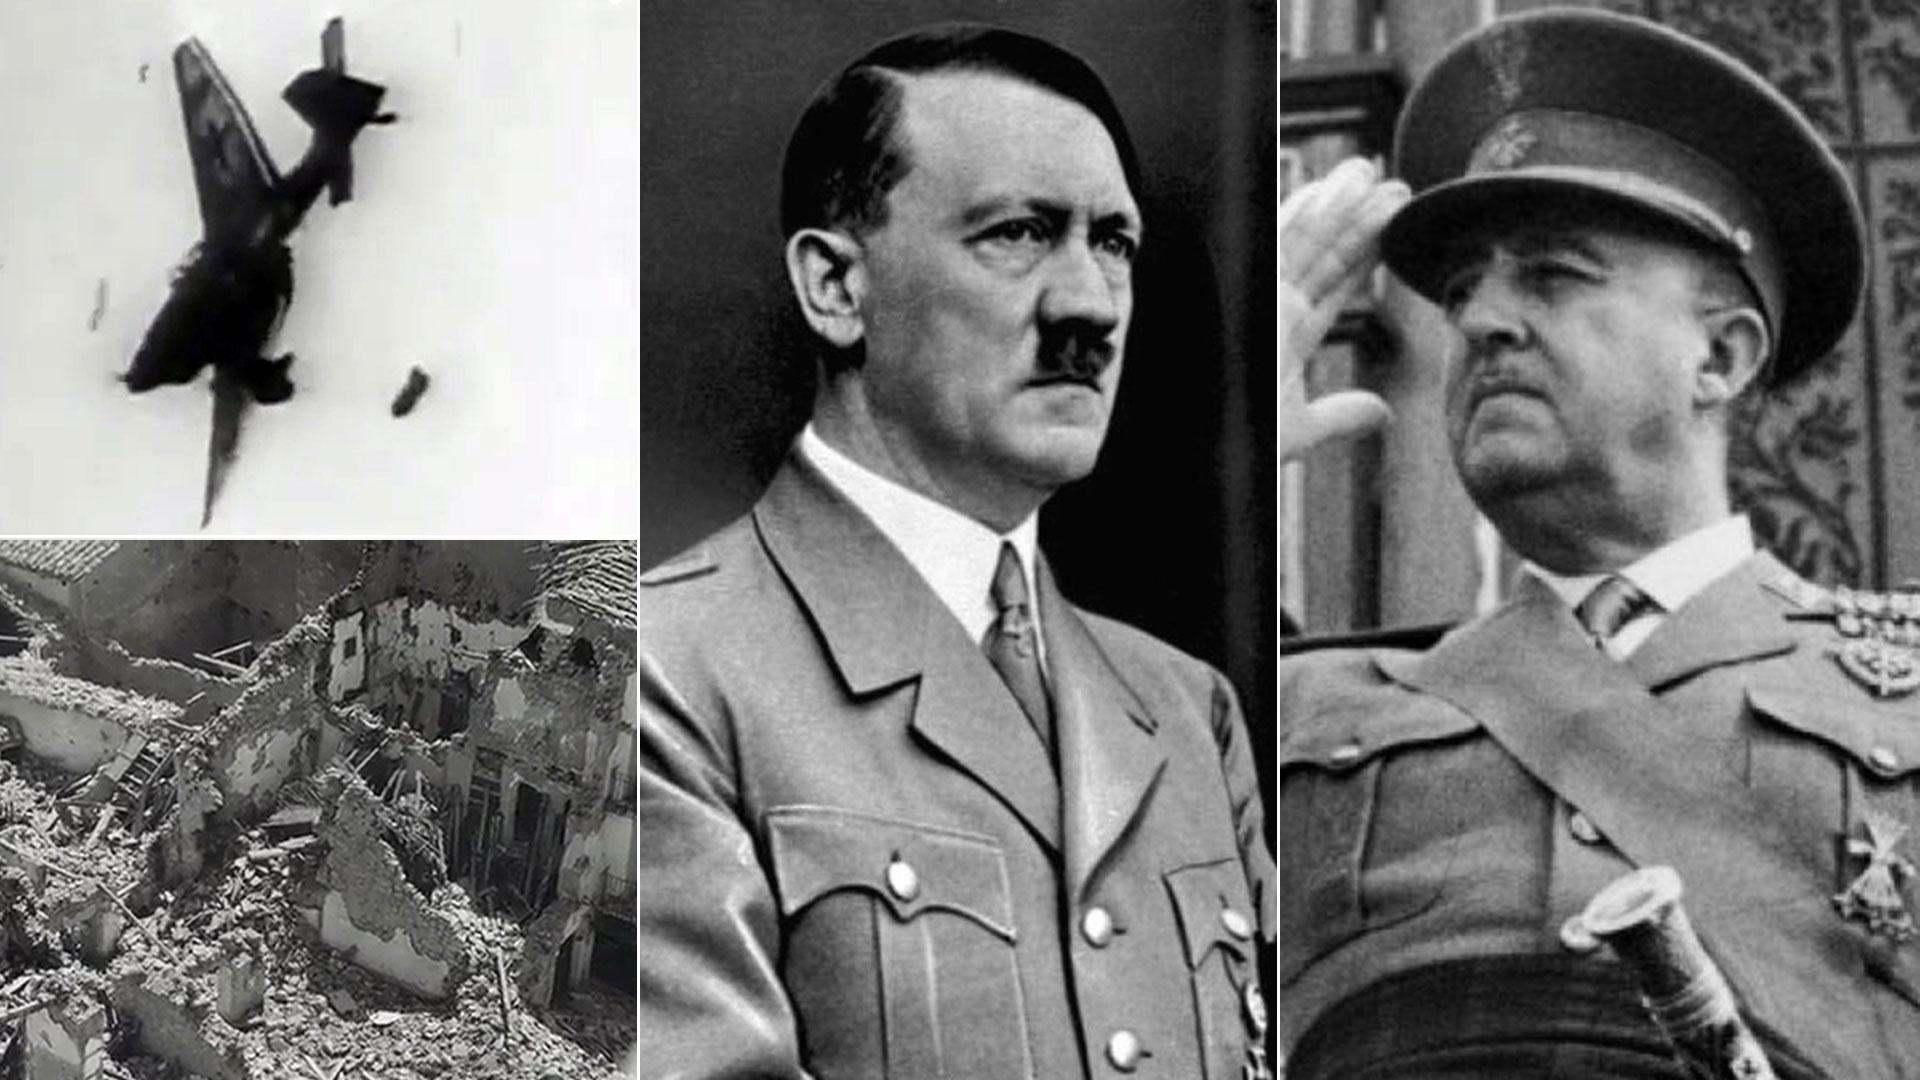 UN Stuka en picada contra una población civil, en los prolegómenos de la Segunda Guerra Mundial. Adolf Hitler y Francisco Franco